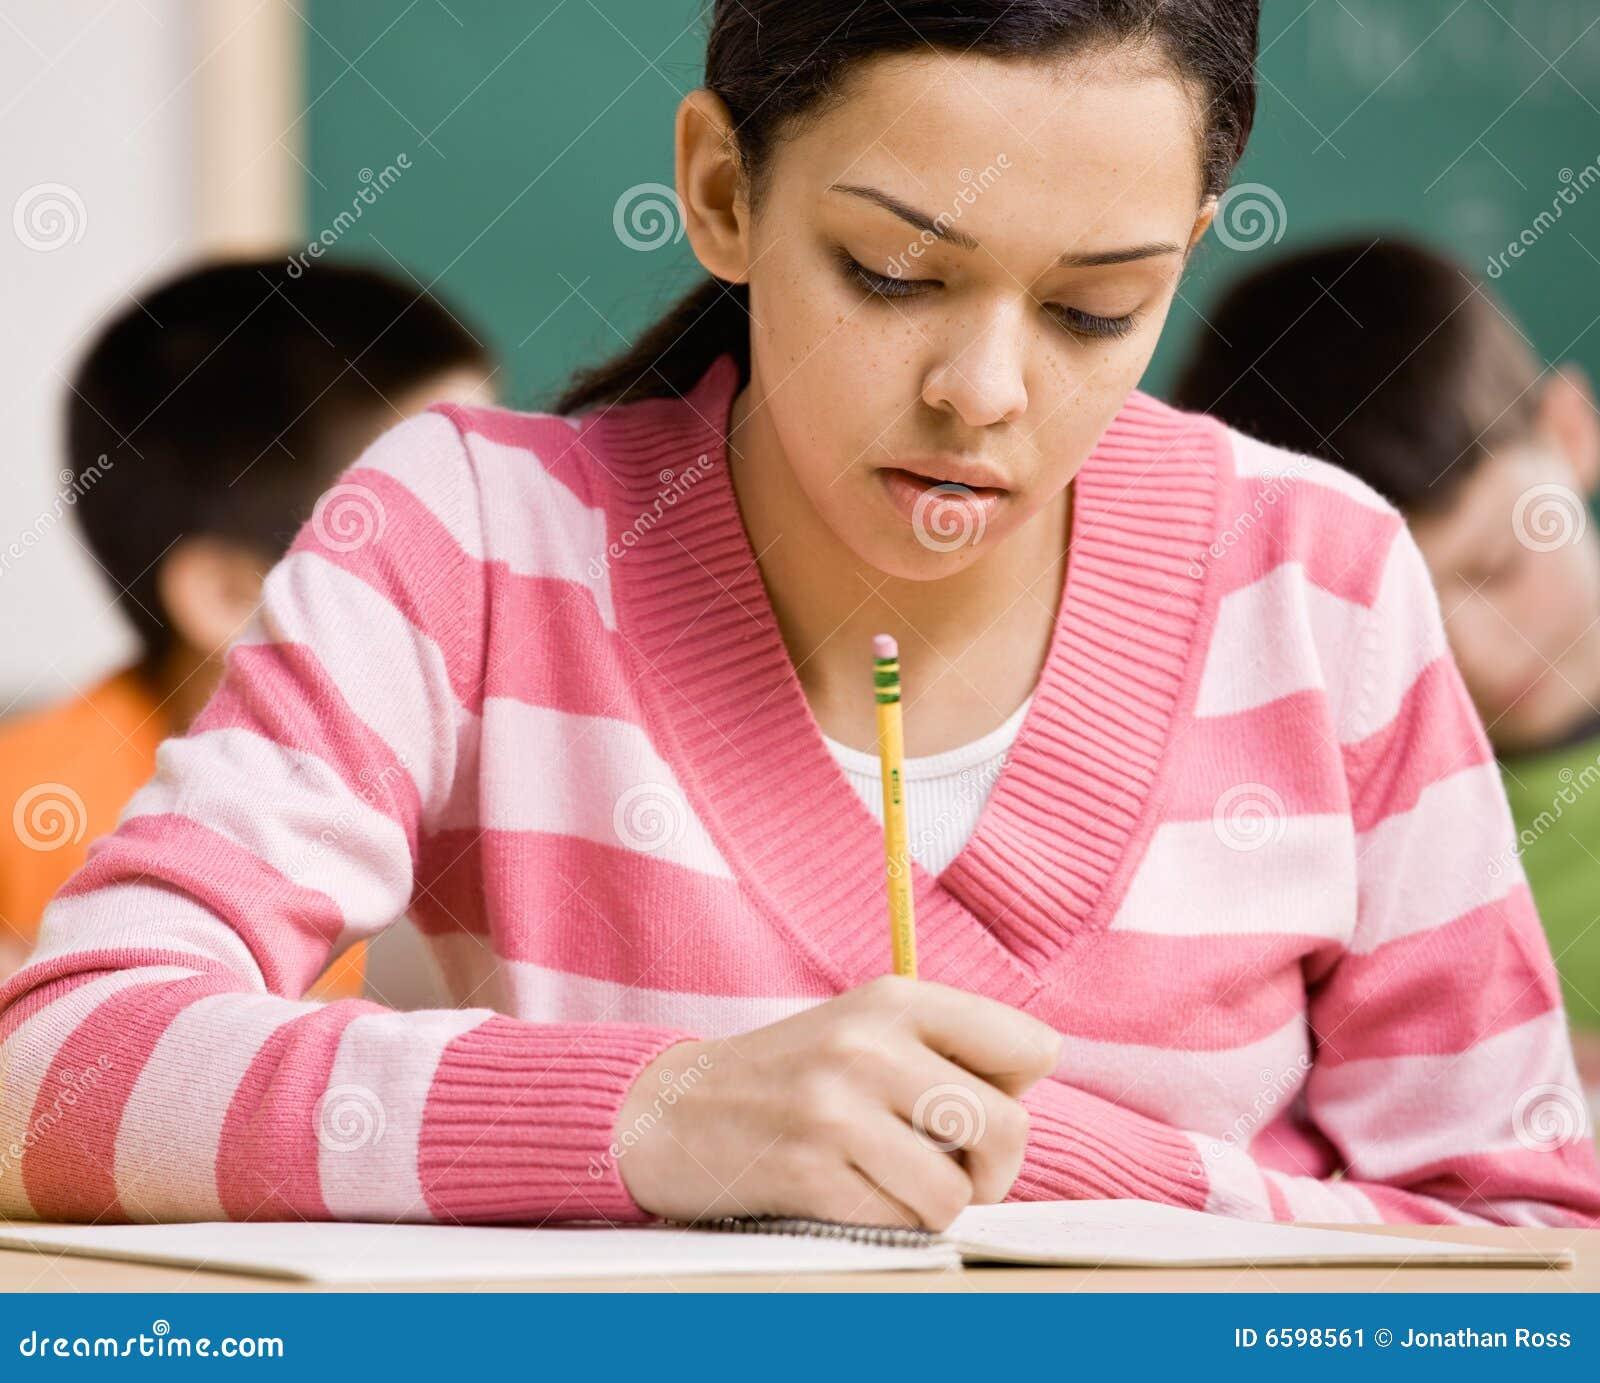 dreams of a student essay